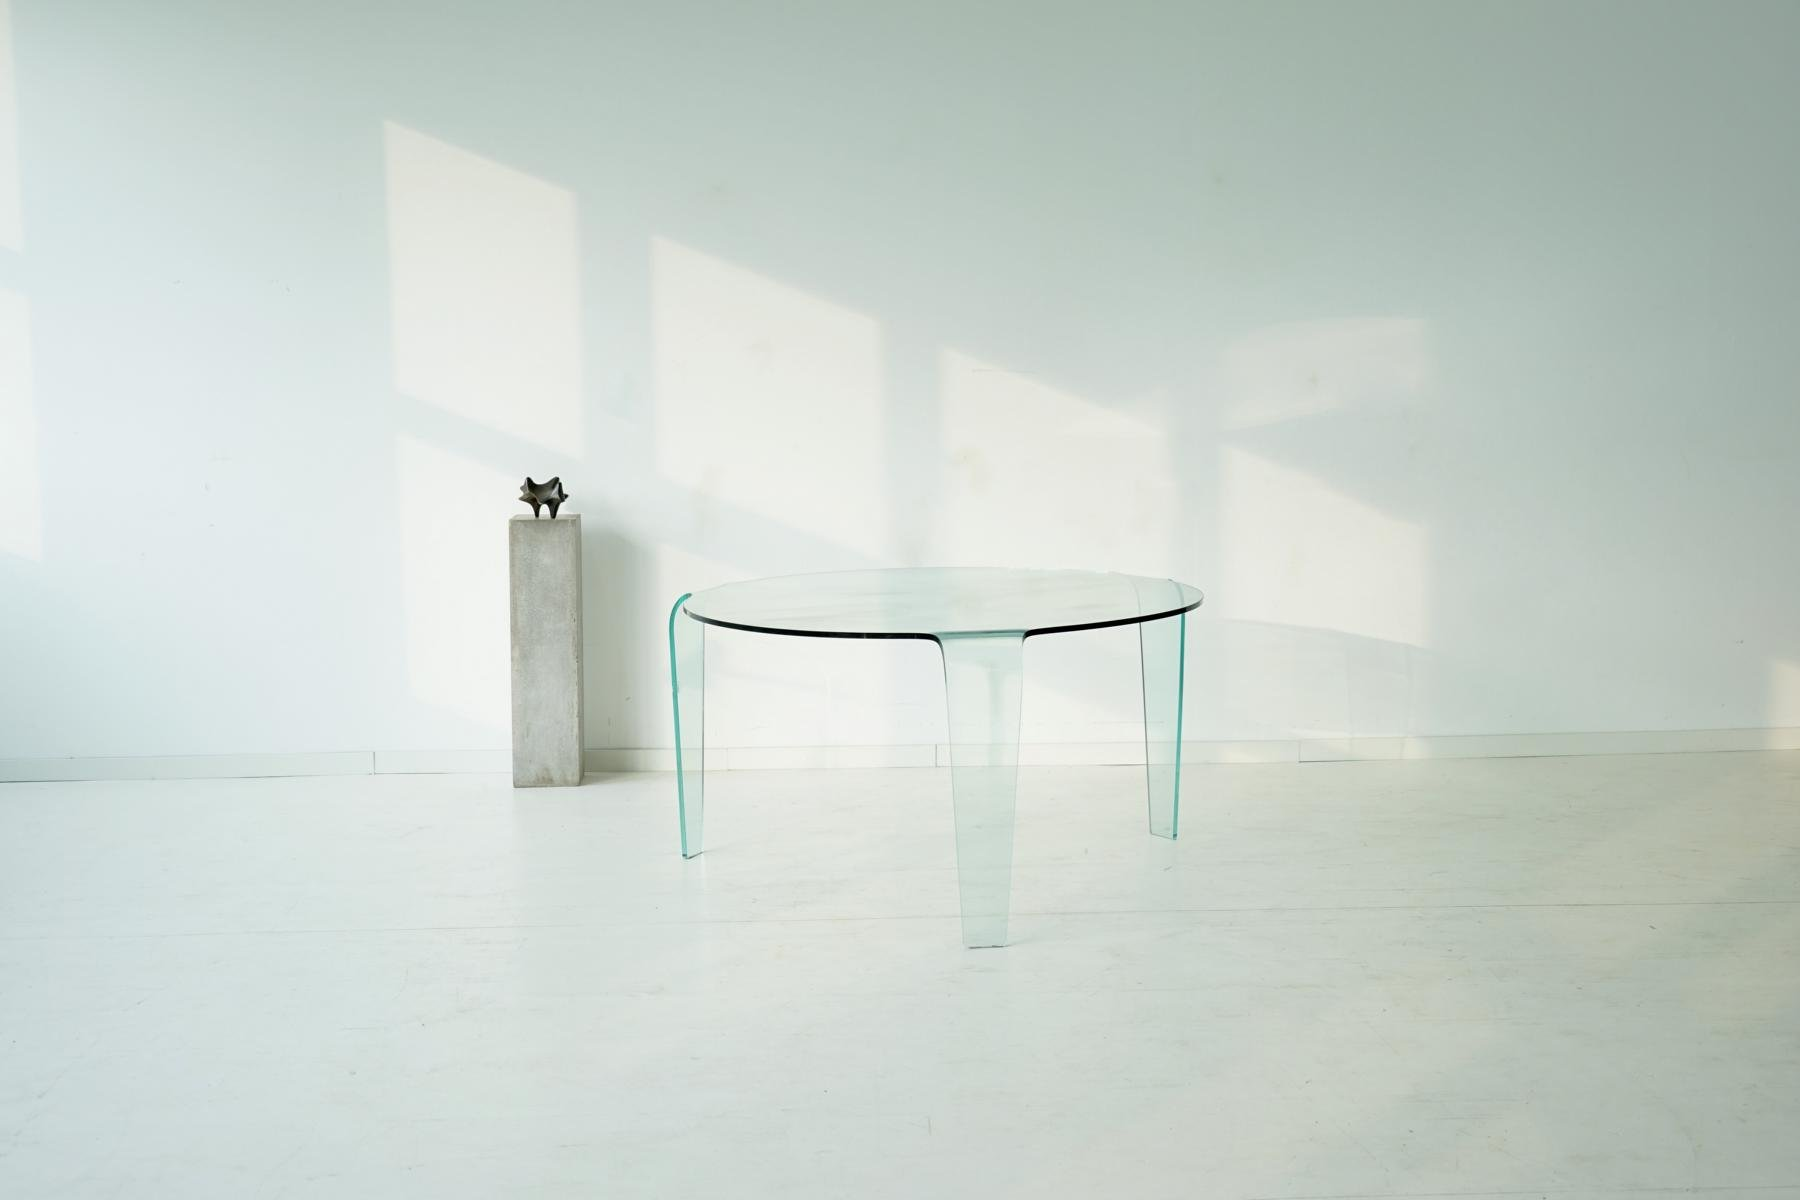 Table en verre vintage de roche bobois en vente sur pamono - Roche bobois table en verre ...